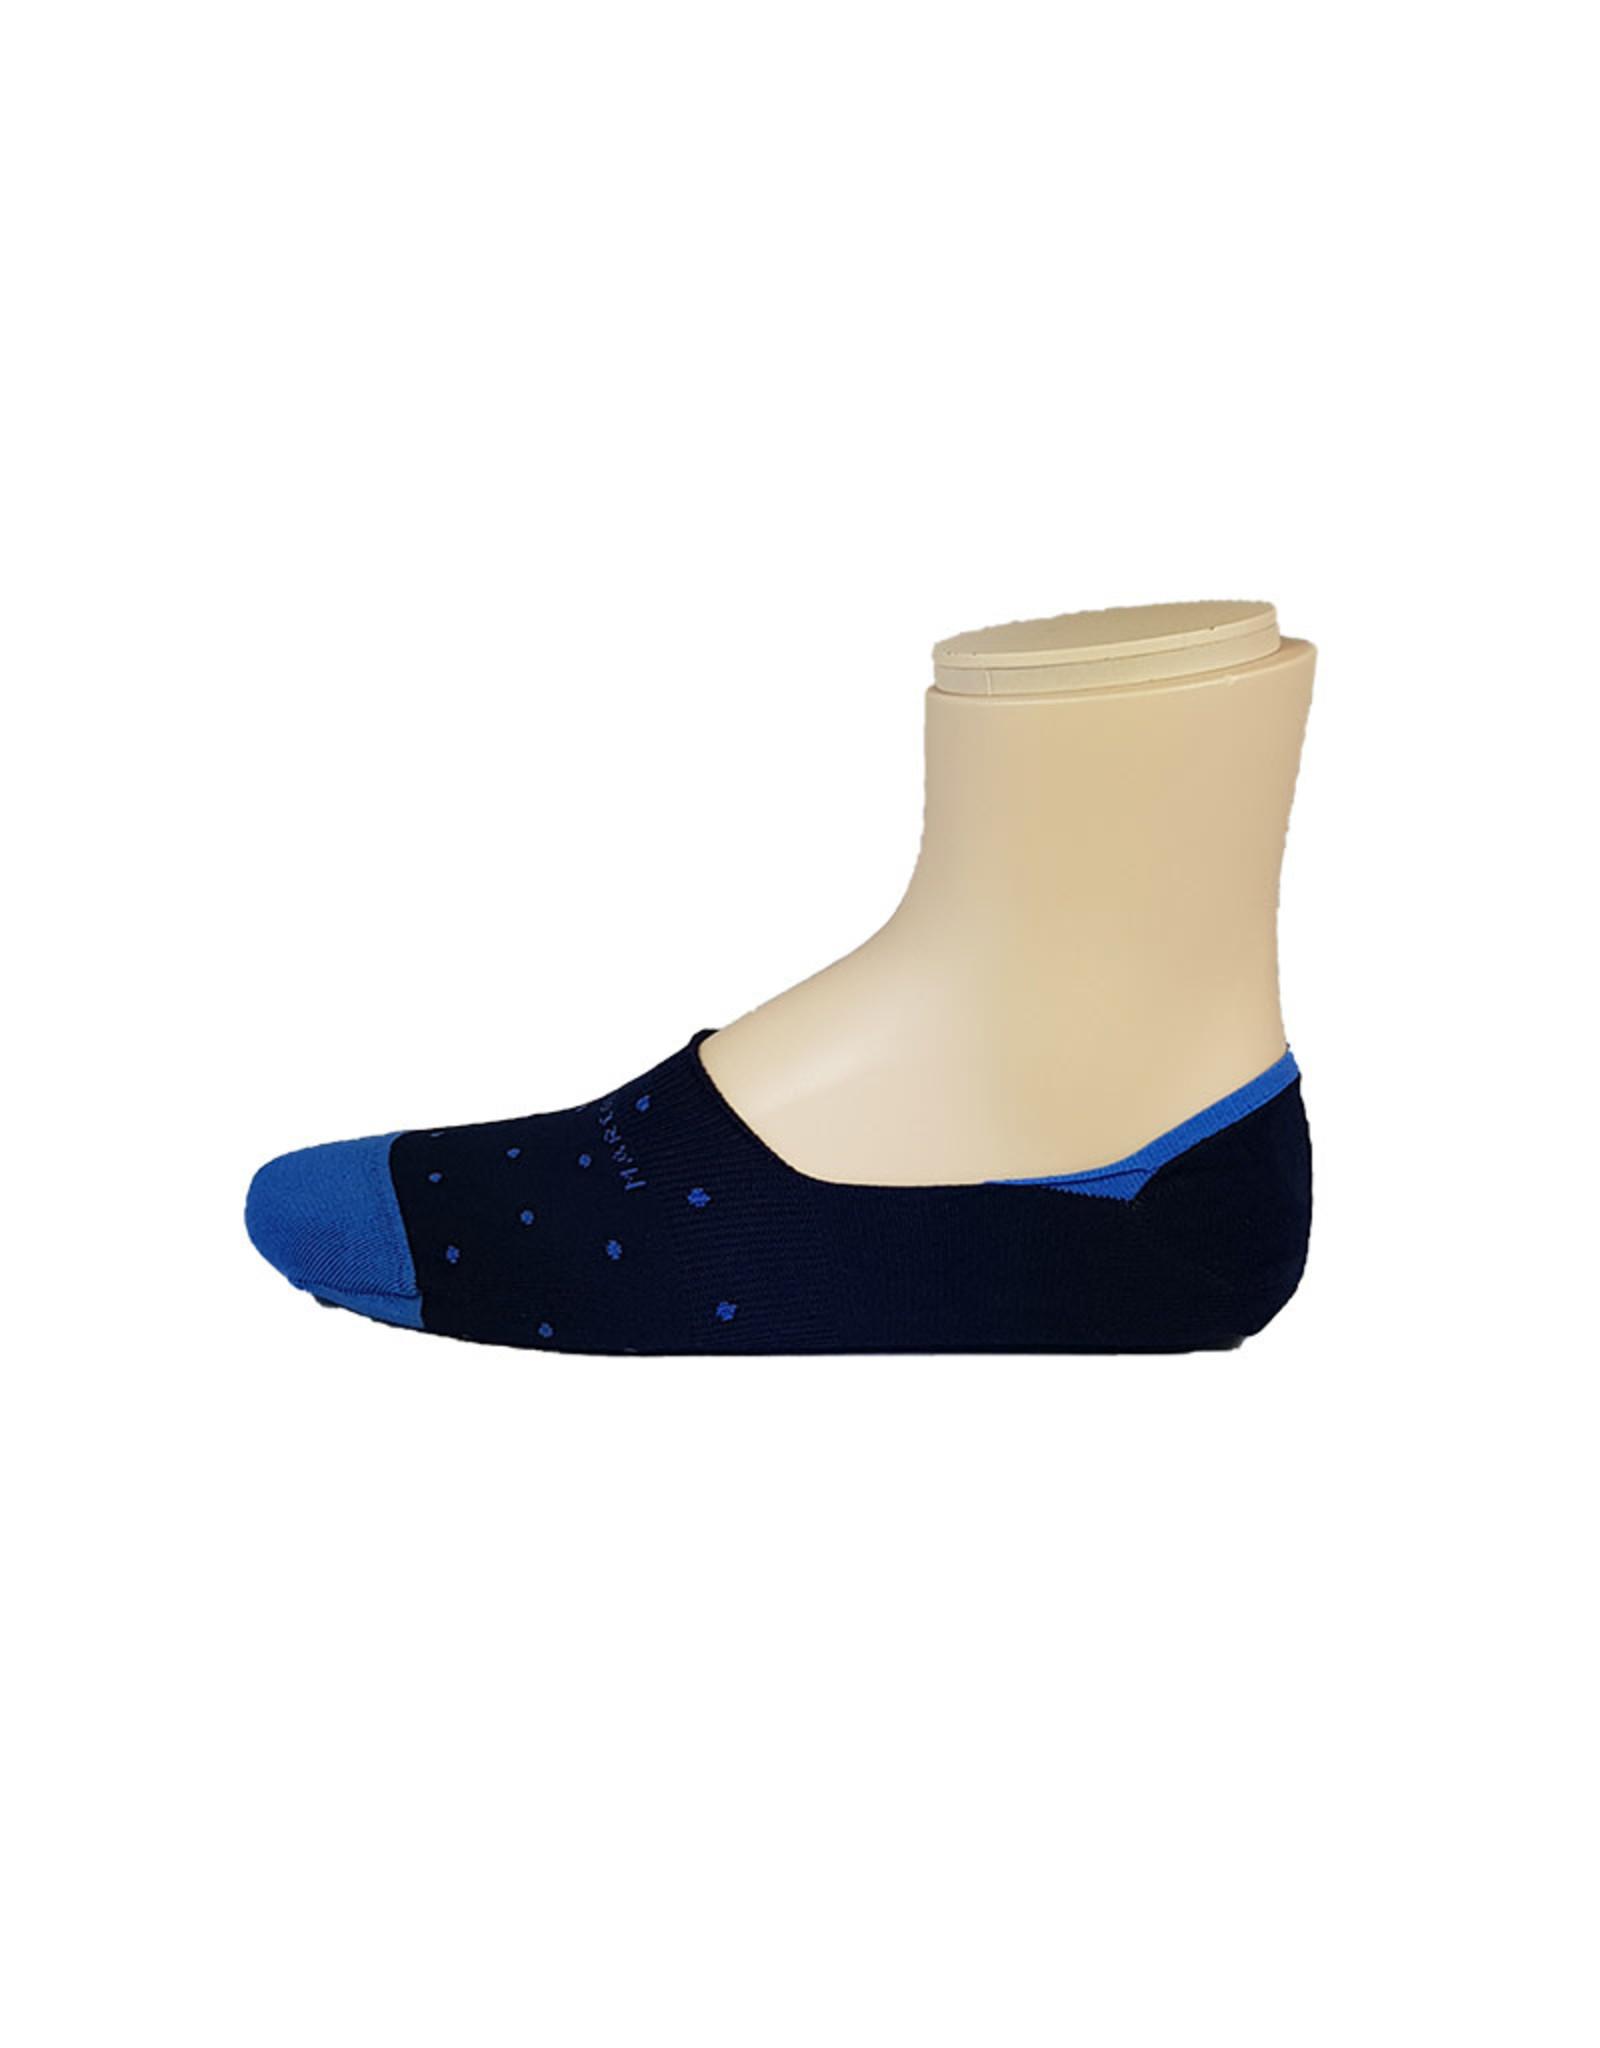 Marcoliani Marcoliani sokken marine Invisible 3312S